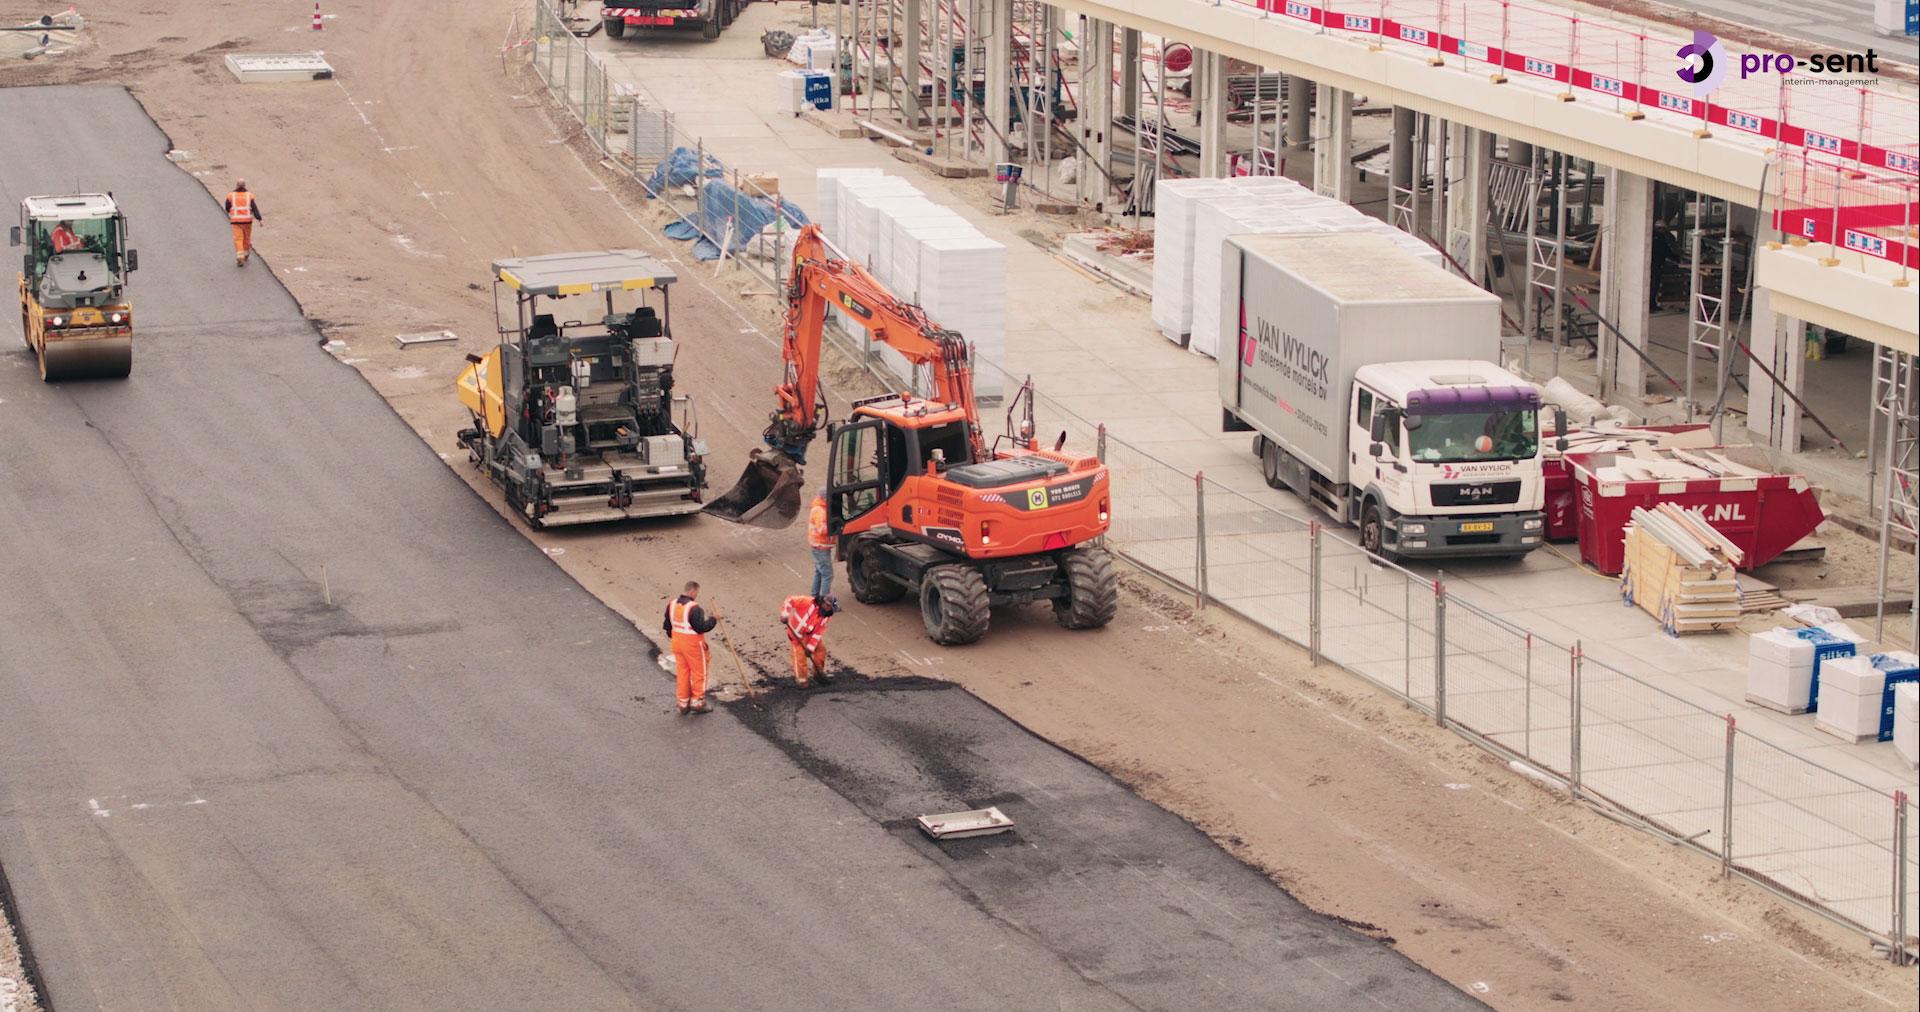 Onze interim professionals zijn bedreven in het ontwikkelen, vormgeven en managen van projecten in de meest uiteenlopende civiel- en bouwtechnische disciplines.